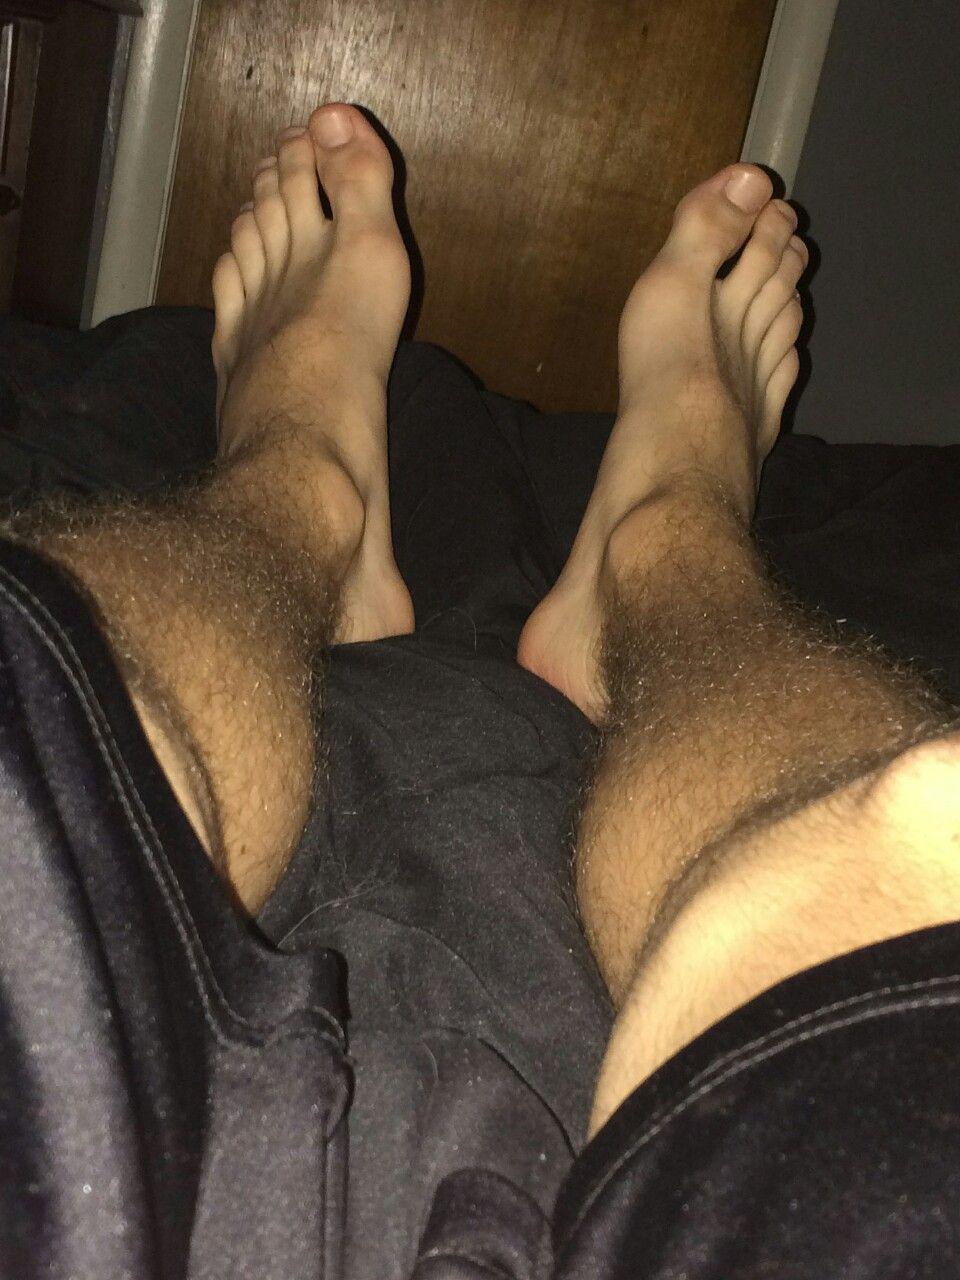 Male feet fetish